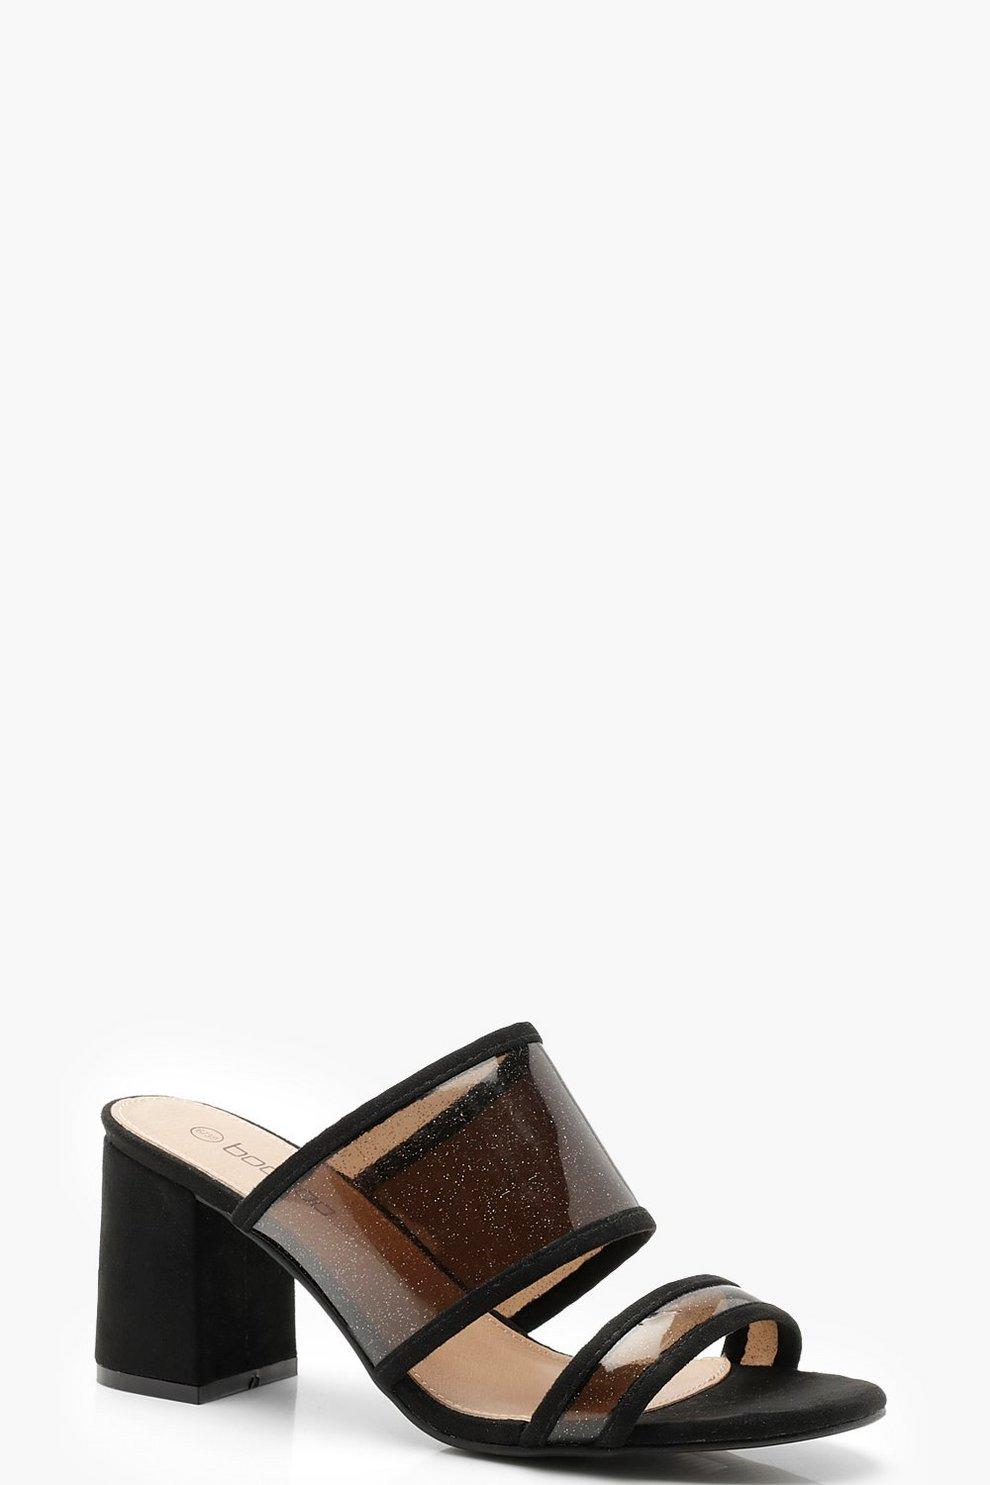 7e4ea296b862 Clear Panel Peeptoe Block Heel Mules